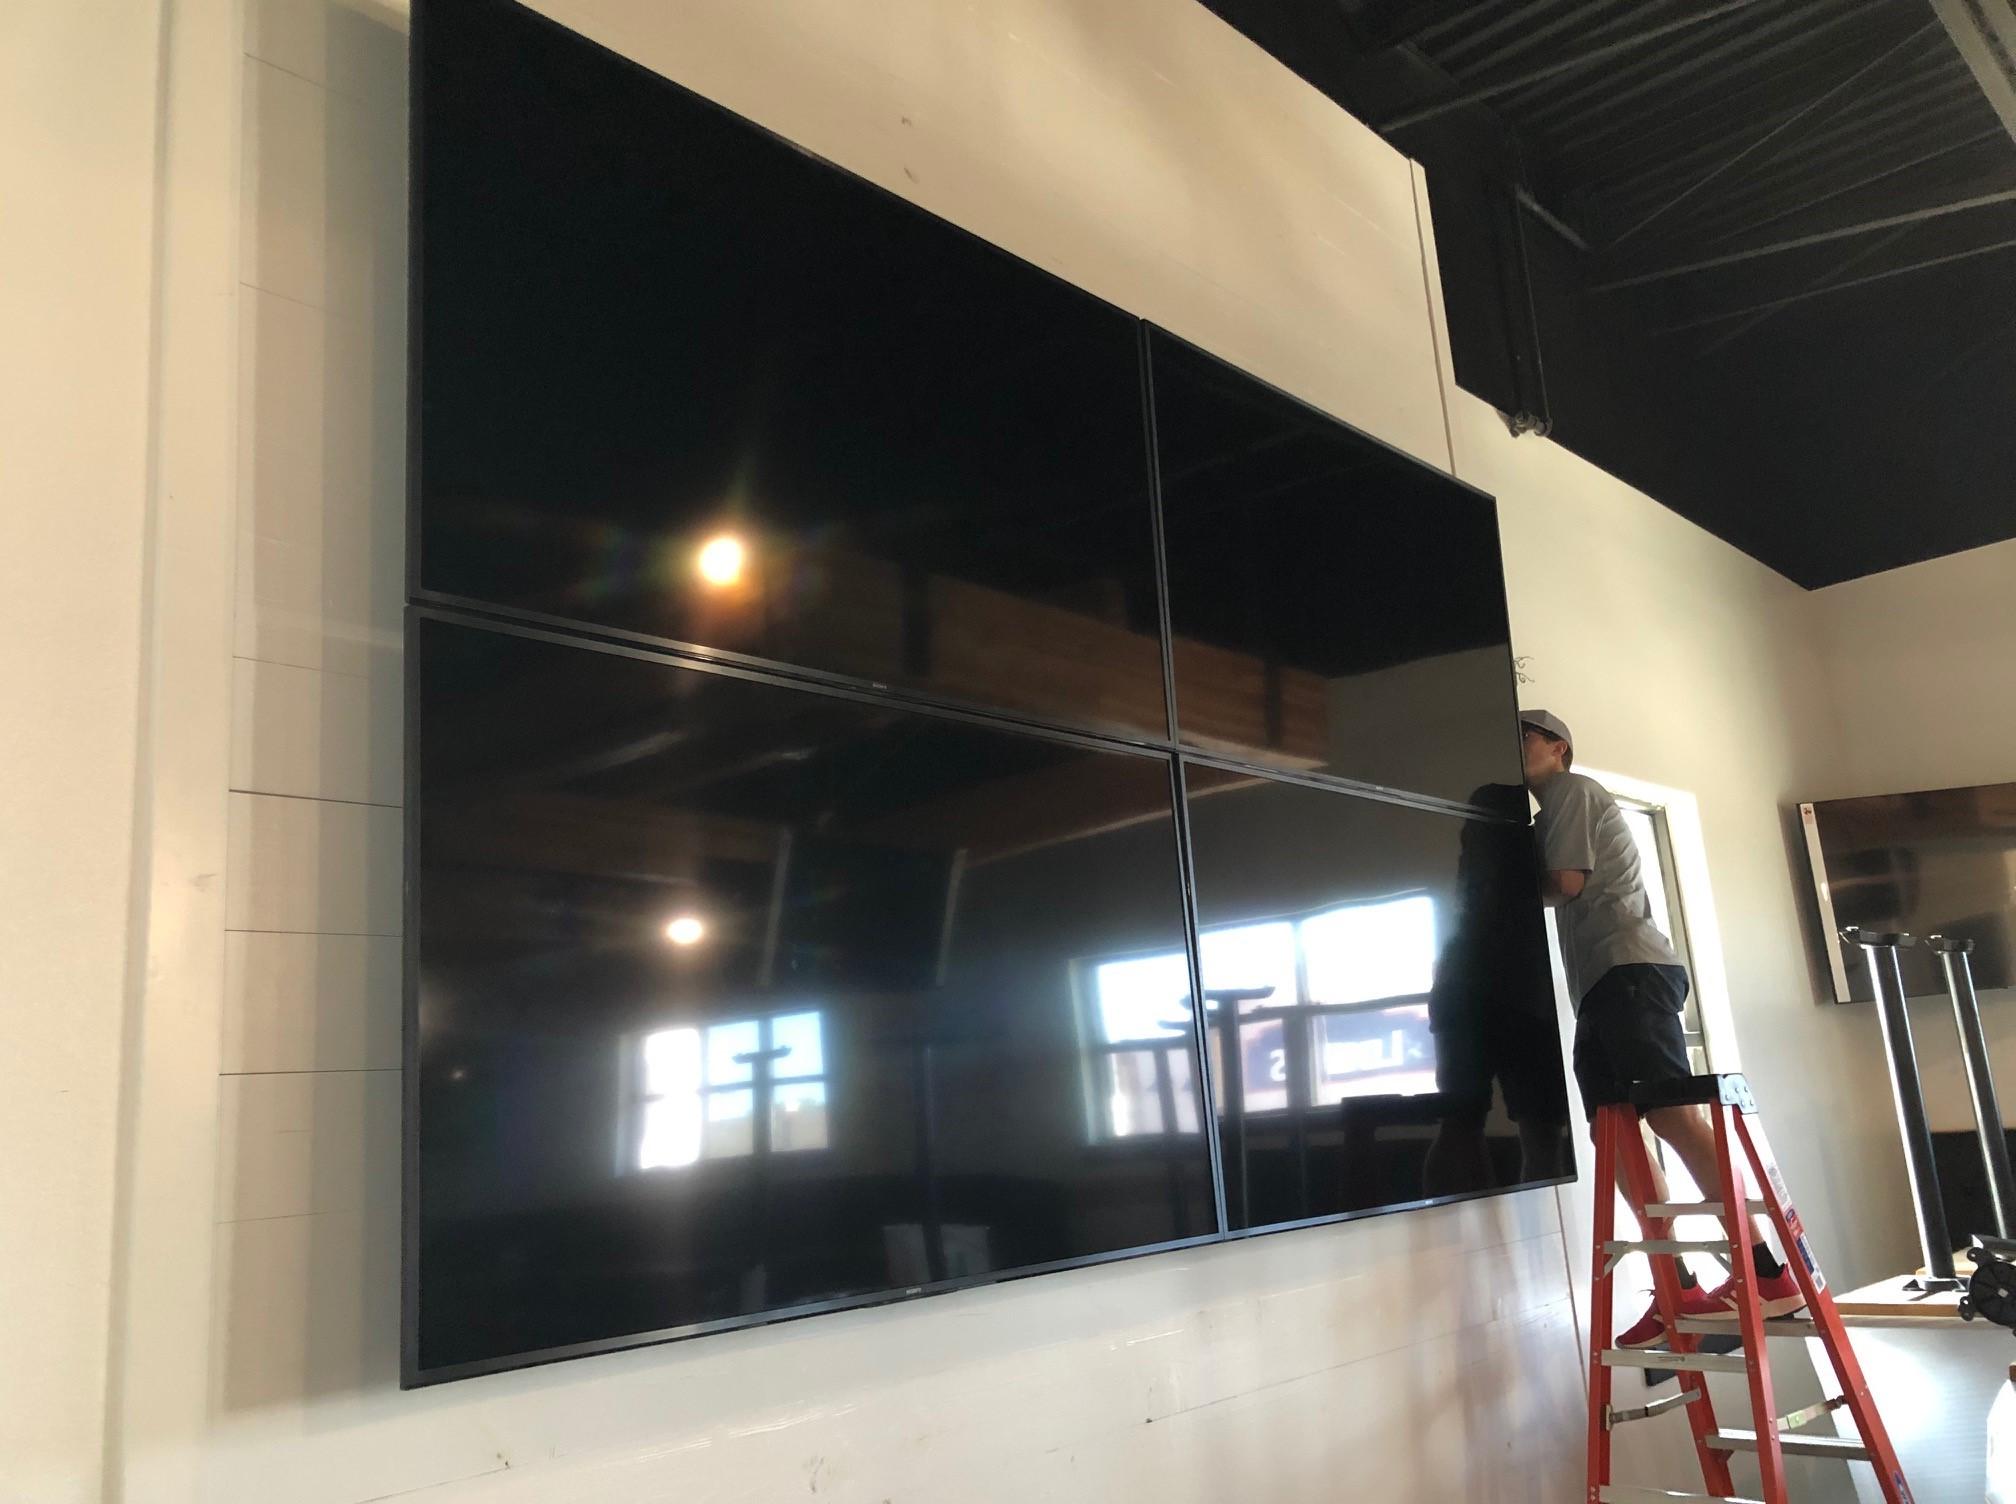 TaD's screen wall matrix install